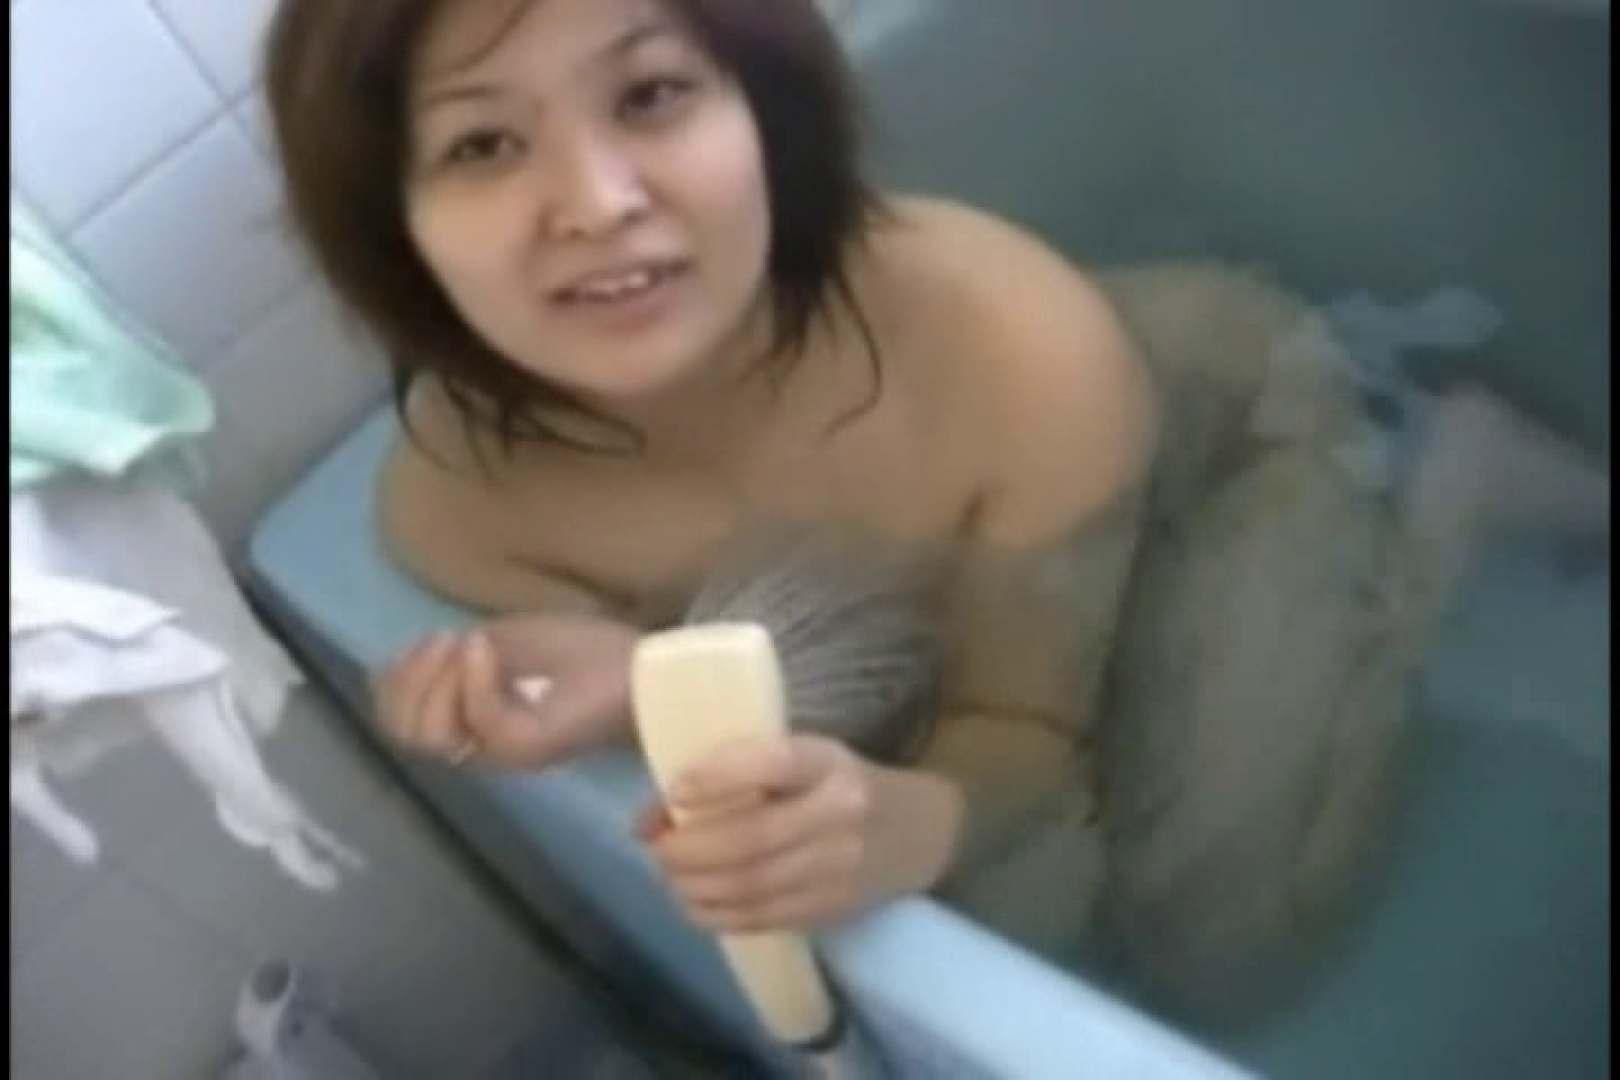 ウイルス流出 Sachiのアルバム パイパン天国 セックス画像 93PIX 27